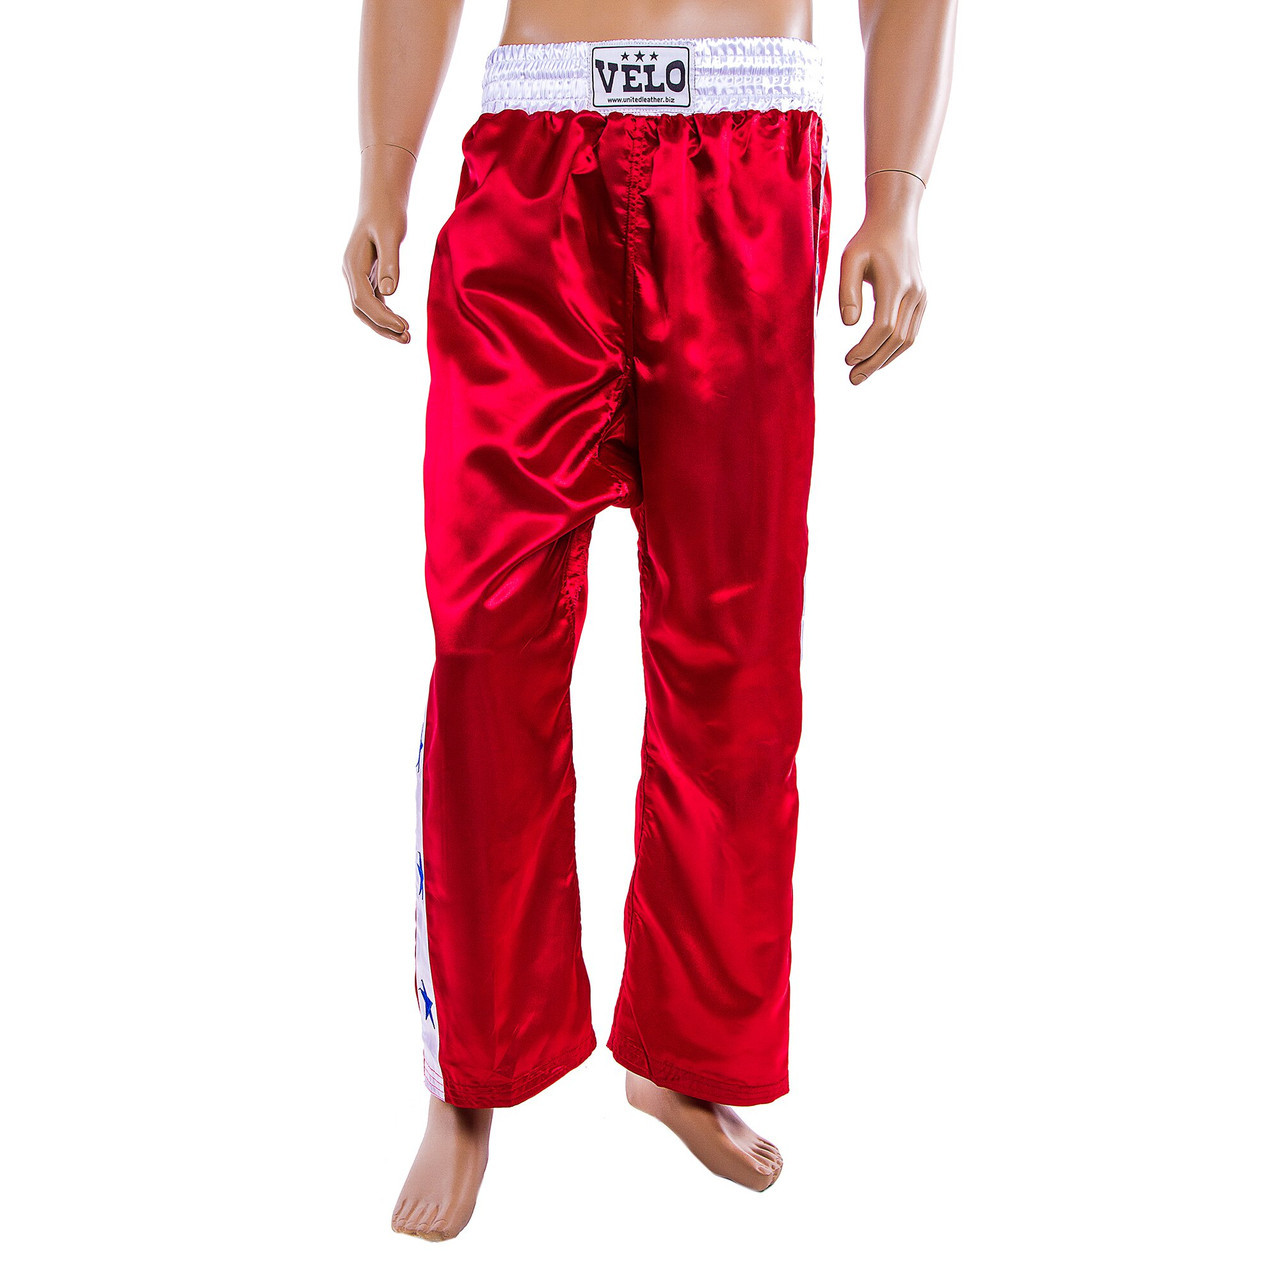 Штани для кікбоксингу Velo червоні 9016-M